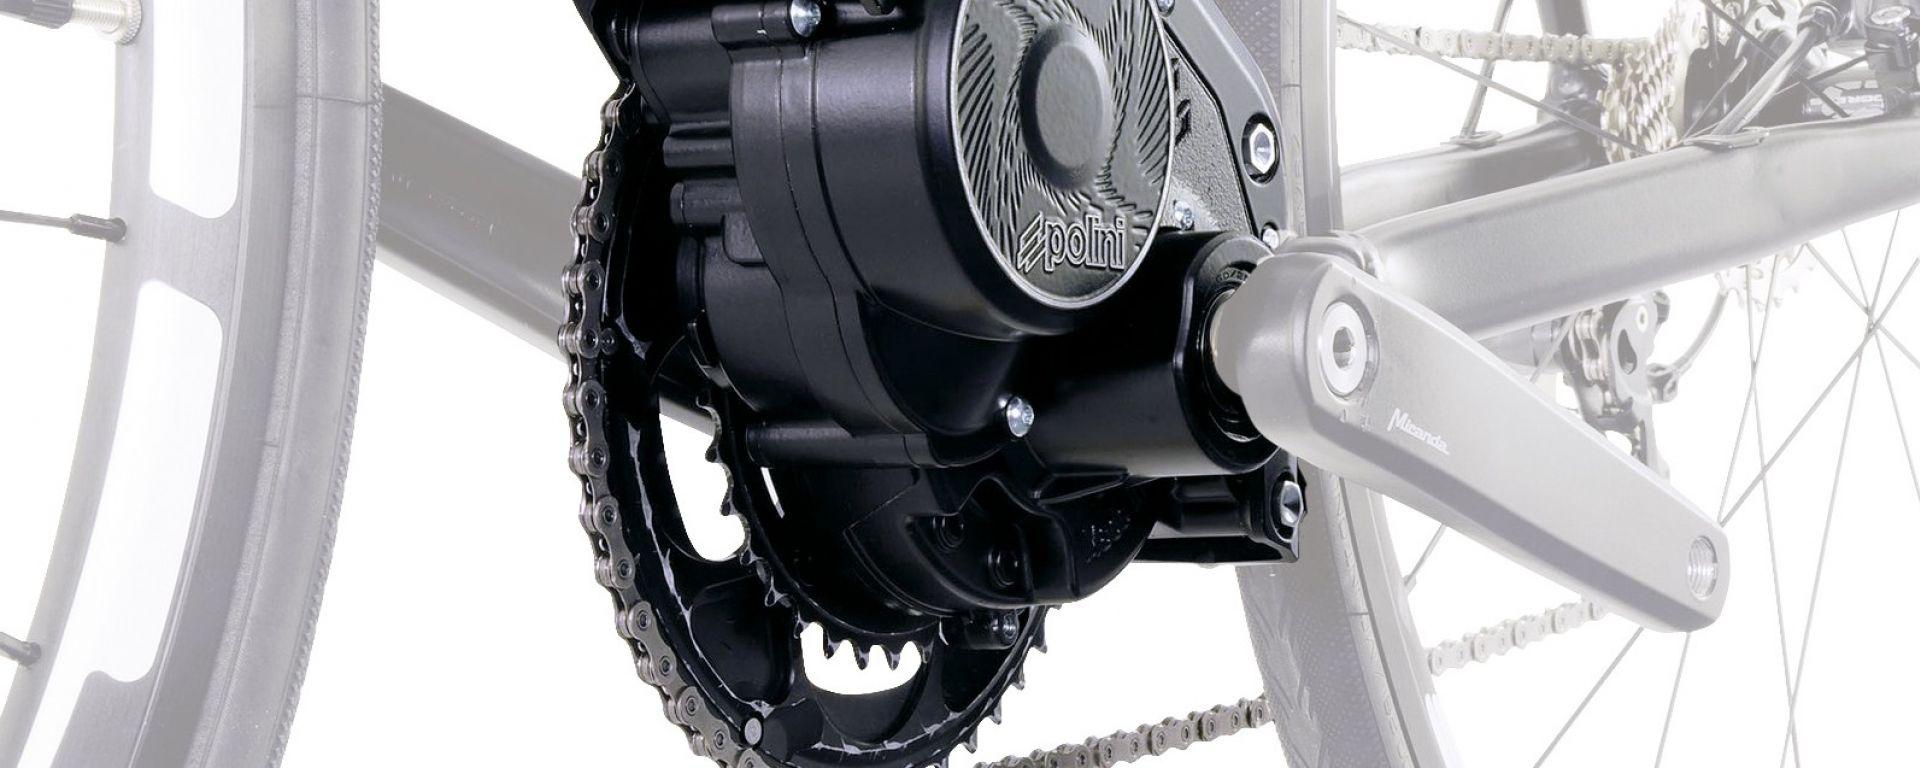 Polini EP-3, il motore elettrico per e-bike